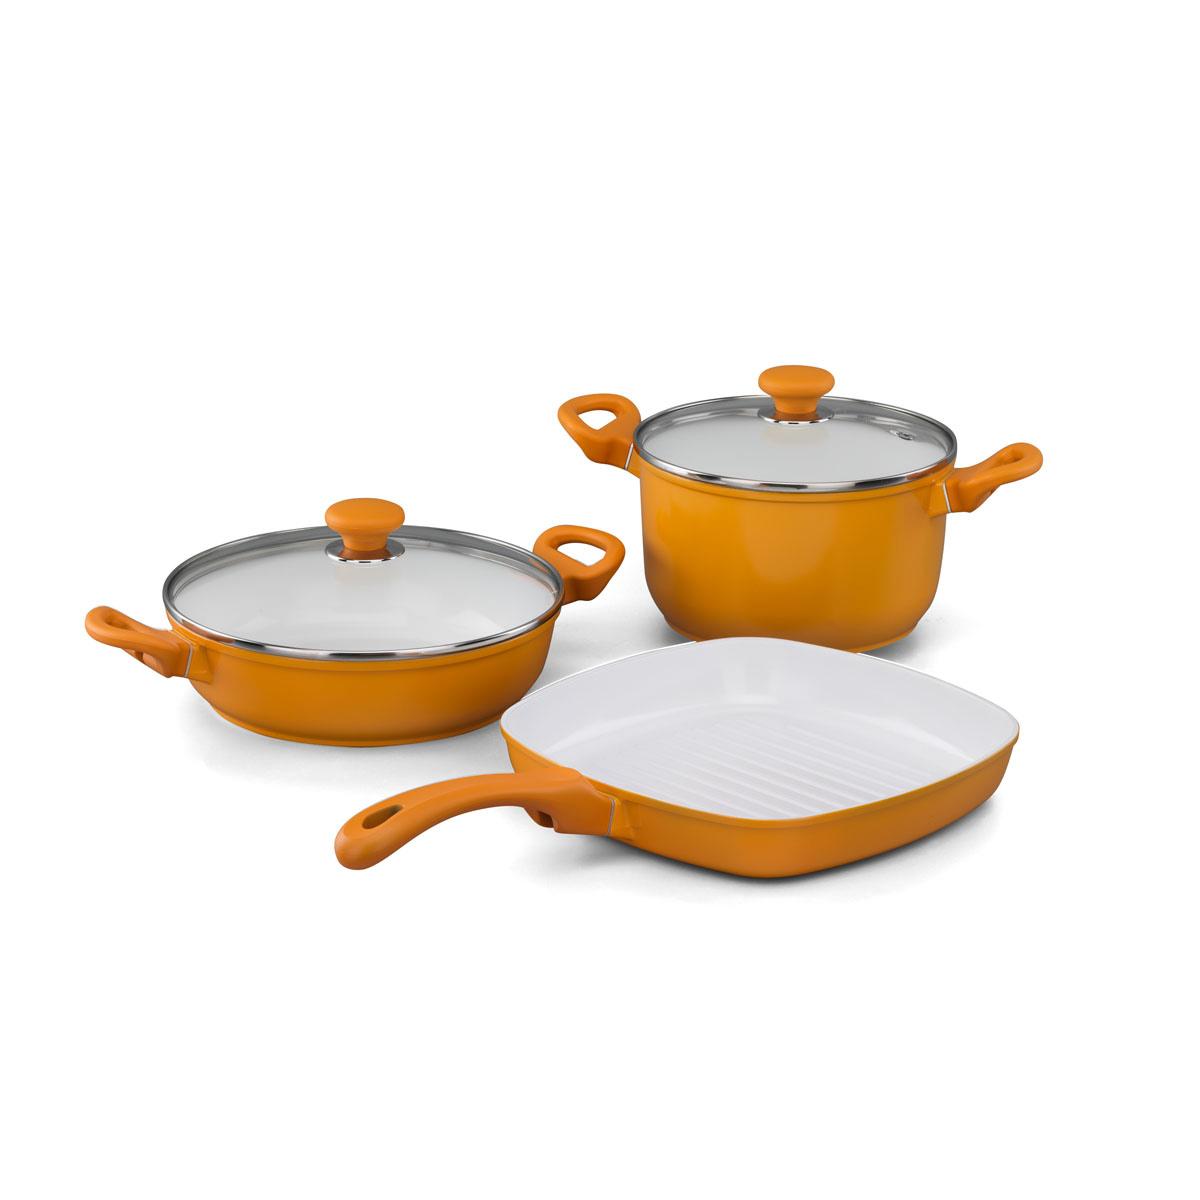 Набор посуды Korkmaz Seravita с керамическим покрытием, цвет: желтый, 3 предметаA1516-3Набор посуды Korkmaz Seravita состоит из кастрюли с крышкой, сотейника с крышкой и сковороды-гриля. Внешнее покрытие желтого цвета, внутреннее покрытие - белого цвета. Керамическое внутреннее и наружное покрытие нагревается до +450°С, чрезвычайно устойчиво к механическому воздействию, не выделяет токсичных паров при готовке, не содержит тяжелых металлов (таких как свинец и кадмий), легко моется. При готовке на керамическом покрытии пища не пристает и не пригорает, а масла требуется вдвое меньше по сравнению с другими покрытиями, что позволяет приготовить здоровую, вкусную и полезную пищу без лишних жиров и оксидантов. Кроме того, покрытие абсолютно экологично, так как не содержит тефлоновые составляющие PTFE и PFOA. Основа из высокопрочного алюминия позволяет изделиям быстро нагреваться до высокой температуры и равномерно распределять тепло по всей поверхности. Высокая теплопроводность позволяет быстро готовить даже на медленном огне, а значит, витамины и полезные микроэлементы...